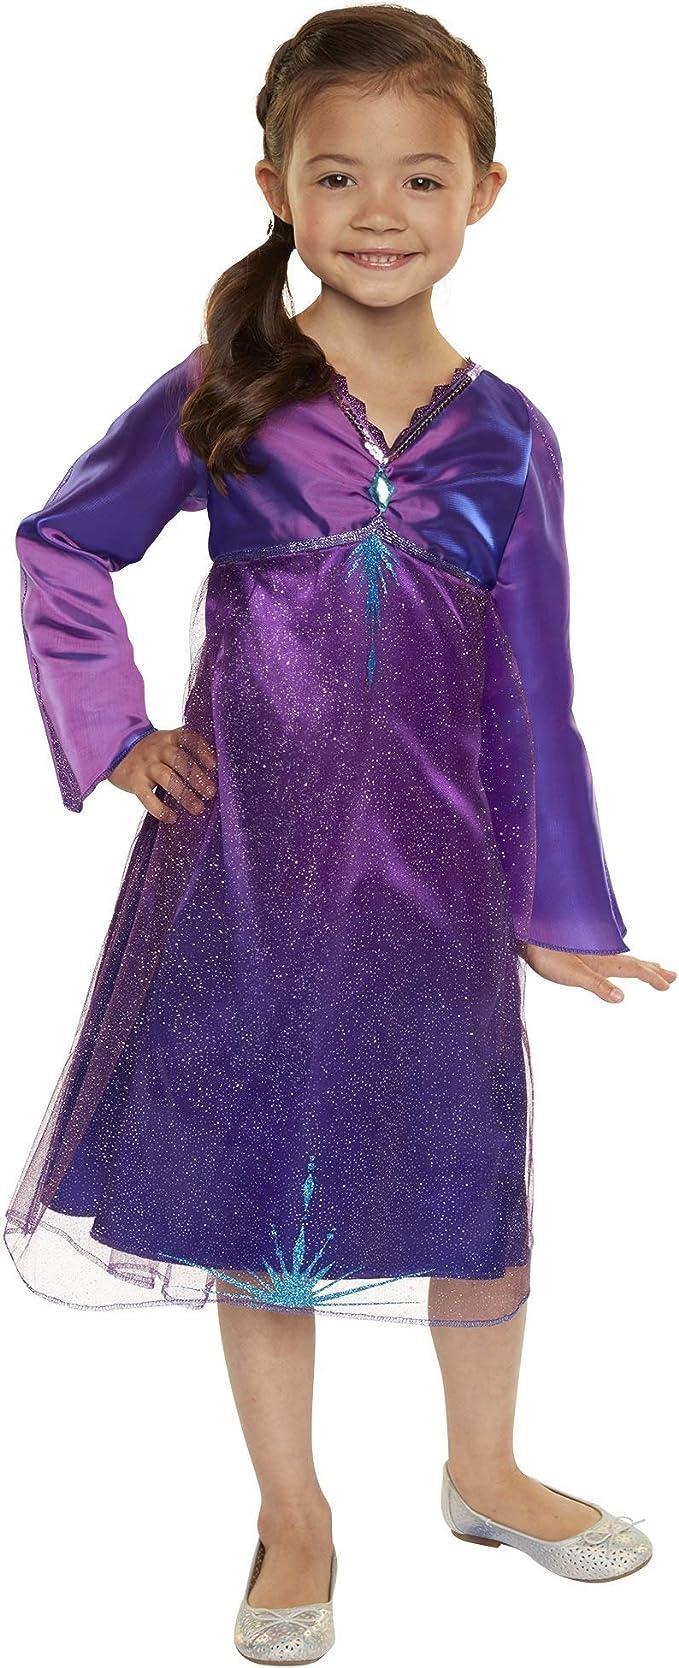 Frozen 2 Costume Honeymaren Short Sleeve Dress Honeymaren Costume Disney Dress Running Disney Dresses for Women Frozen 2 Cosplay